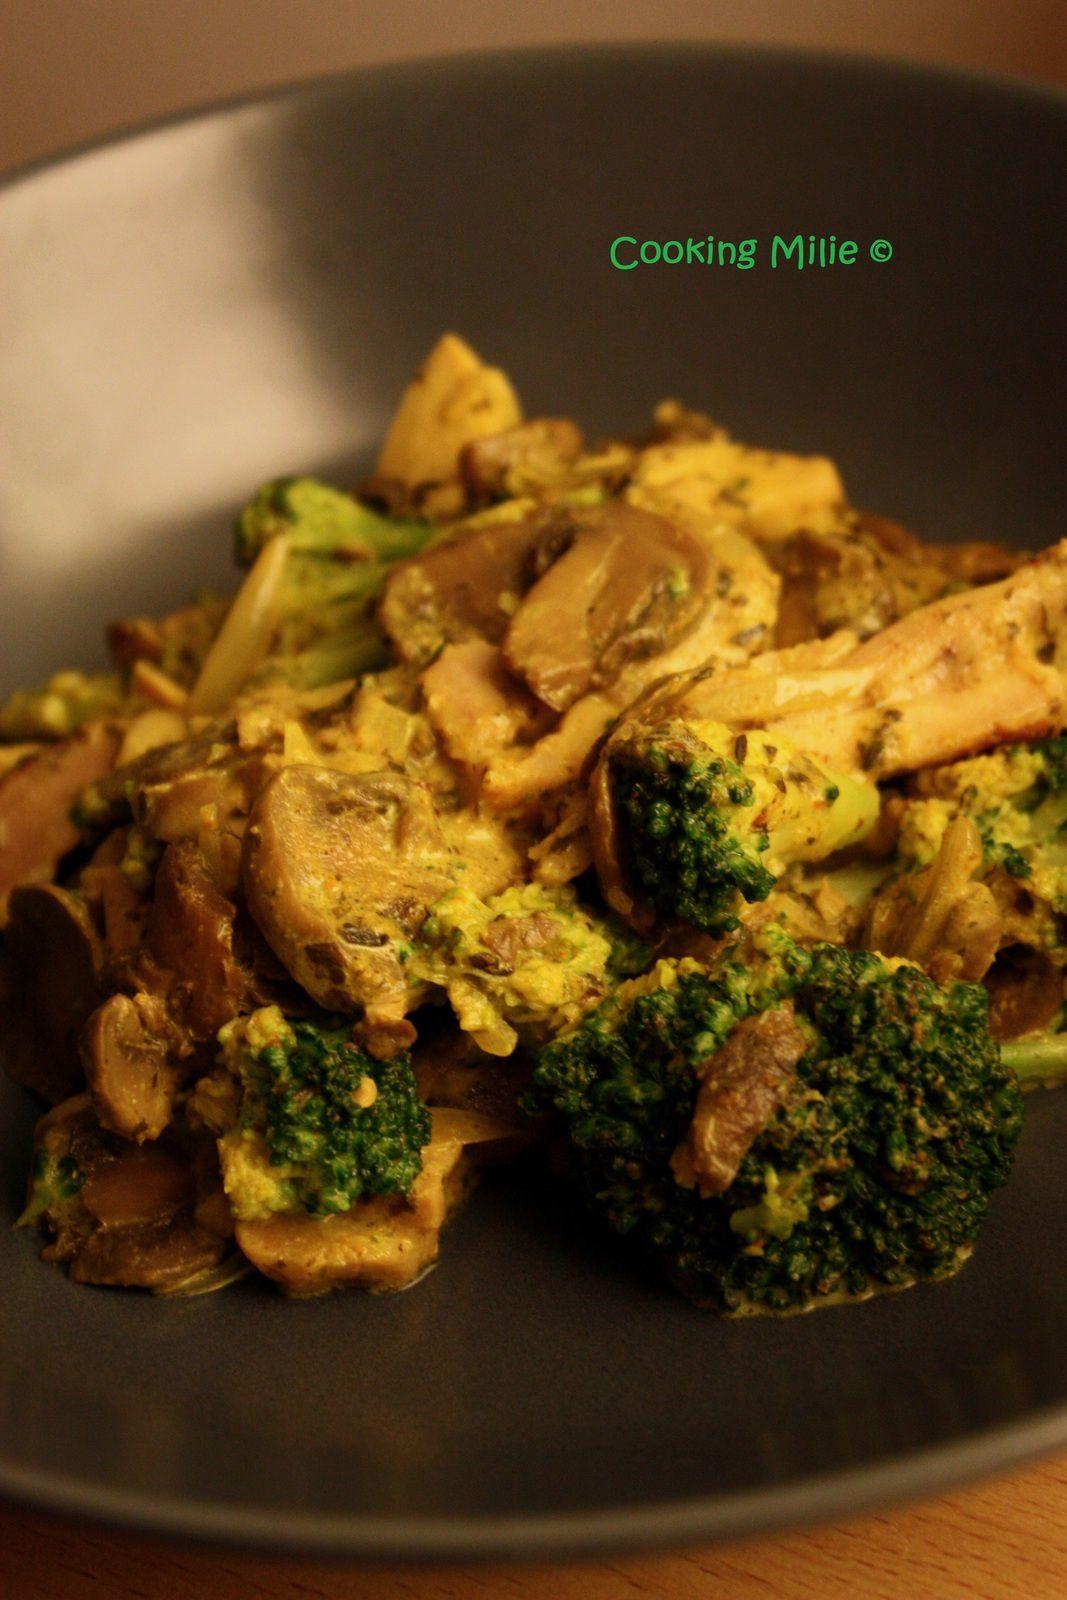 Poêlée de champignons, brocolis et poulet au curry